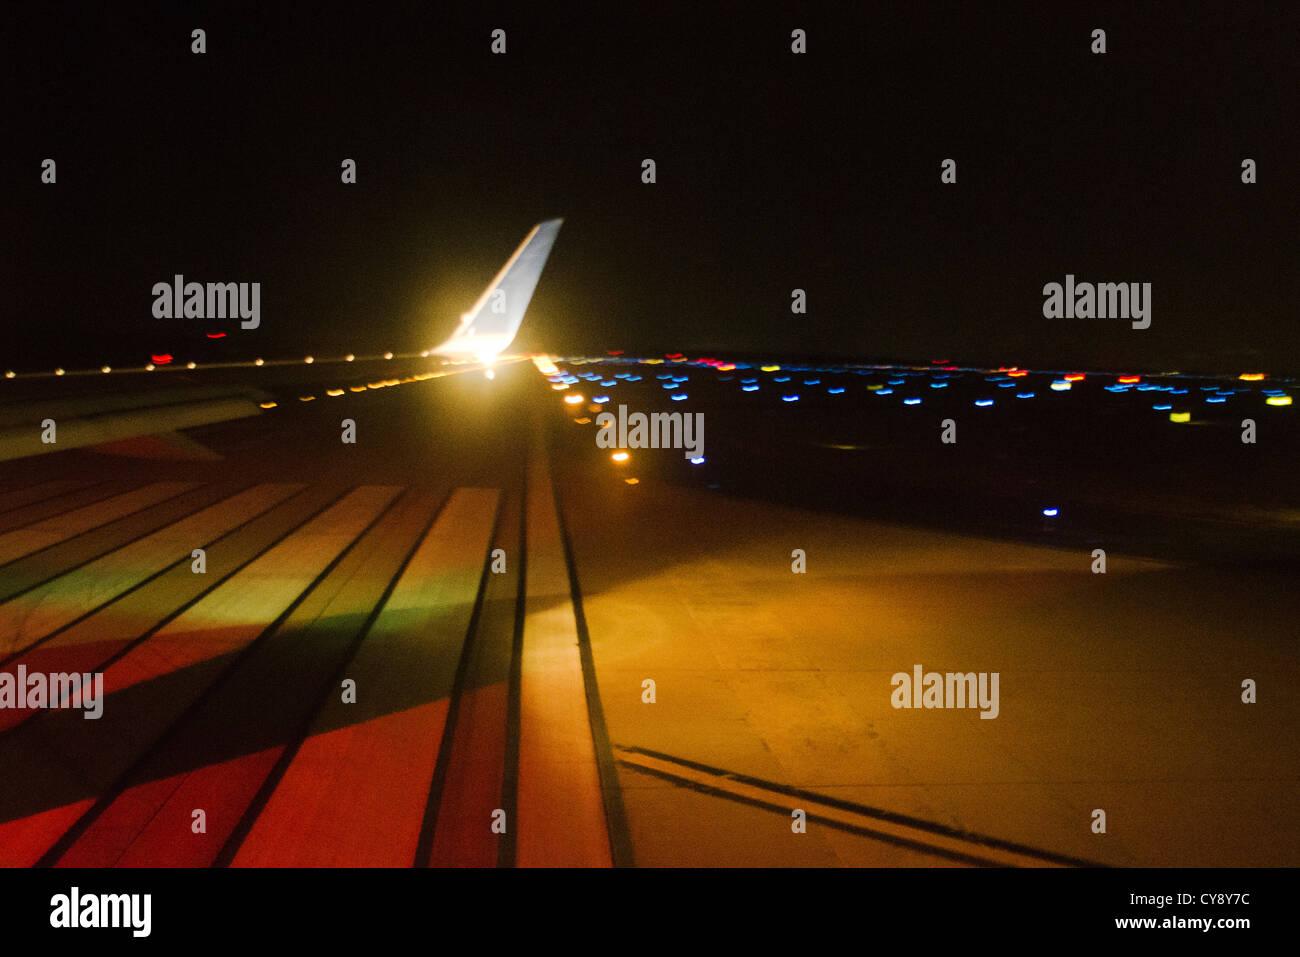 Noche de asfalto con luces Imagen De Stock